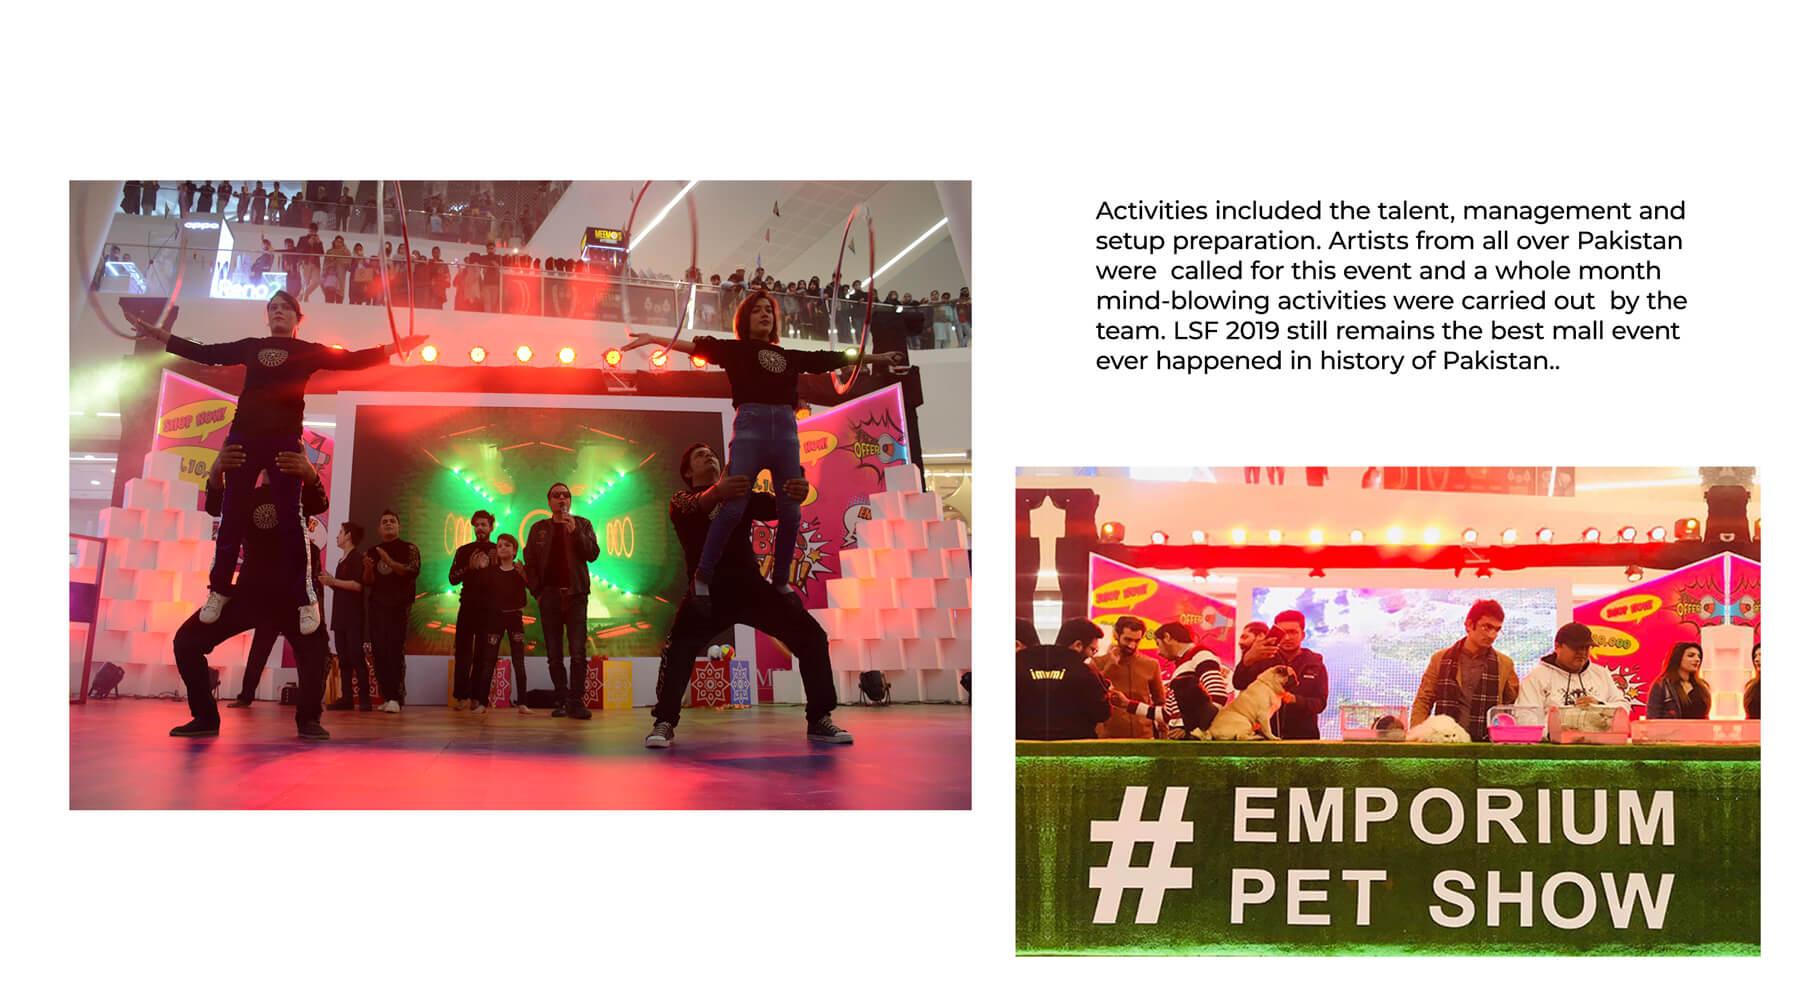 Event executive